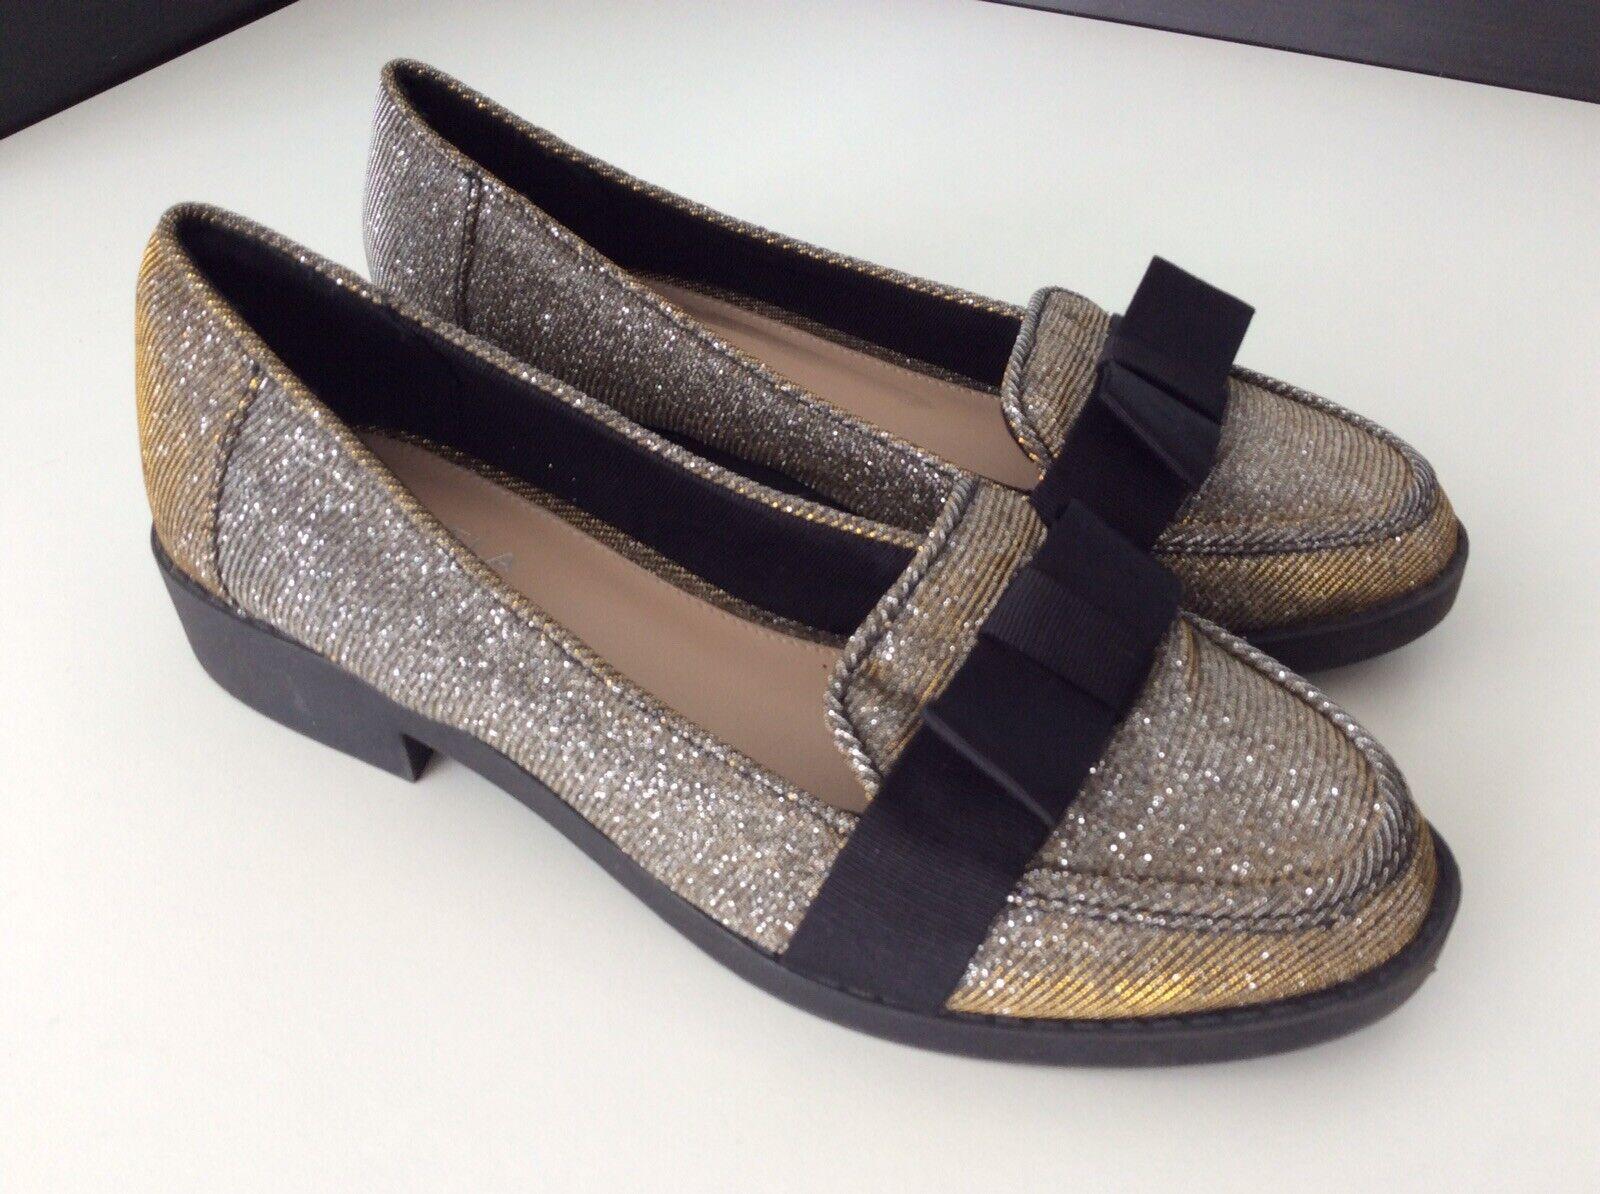 Carvela Kurt Geiger Womens Flat shoes, Uk 4 Eu37 Silver gold Vgc